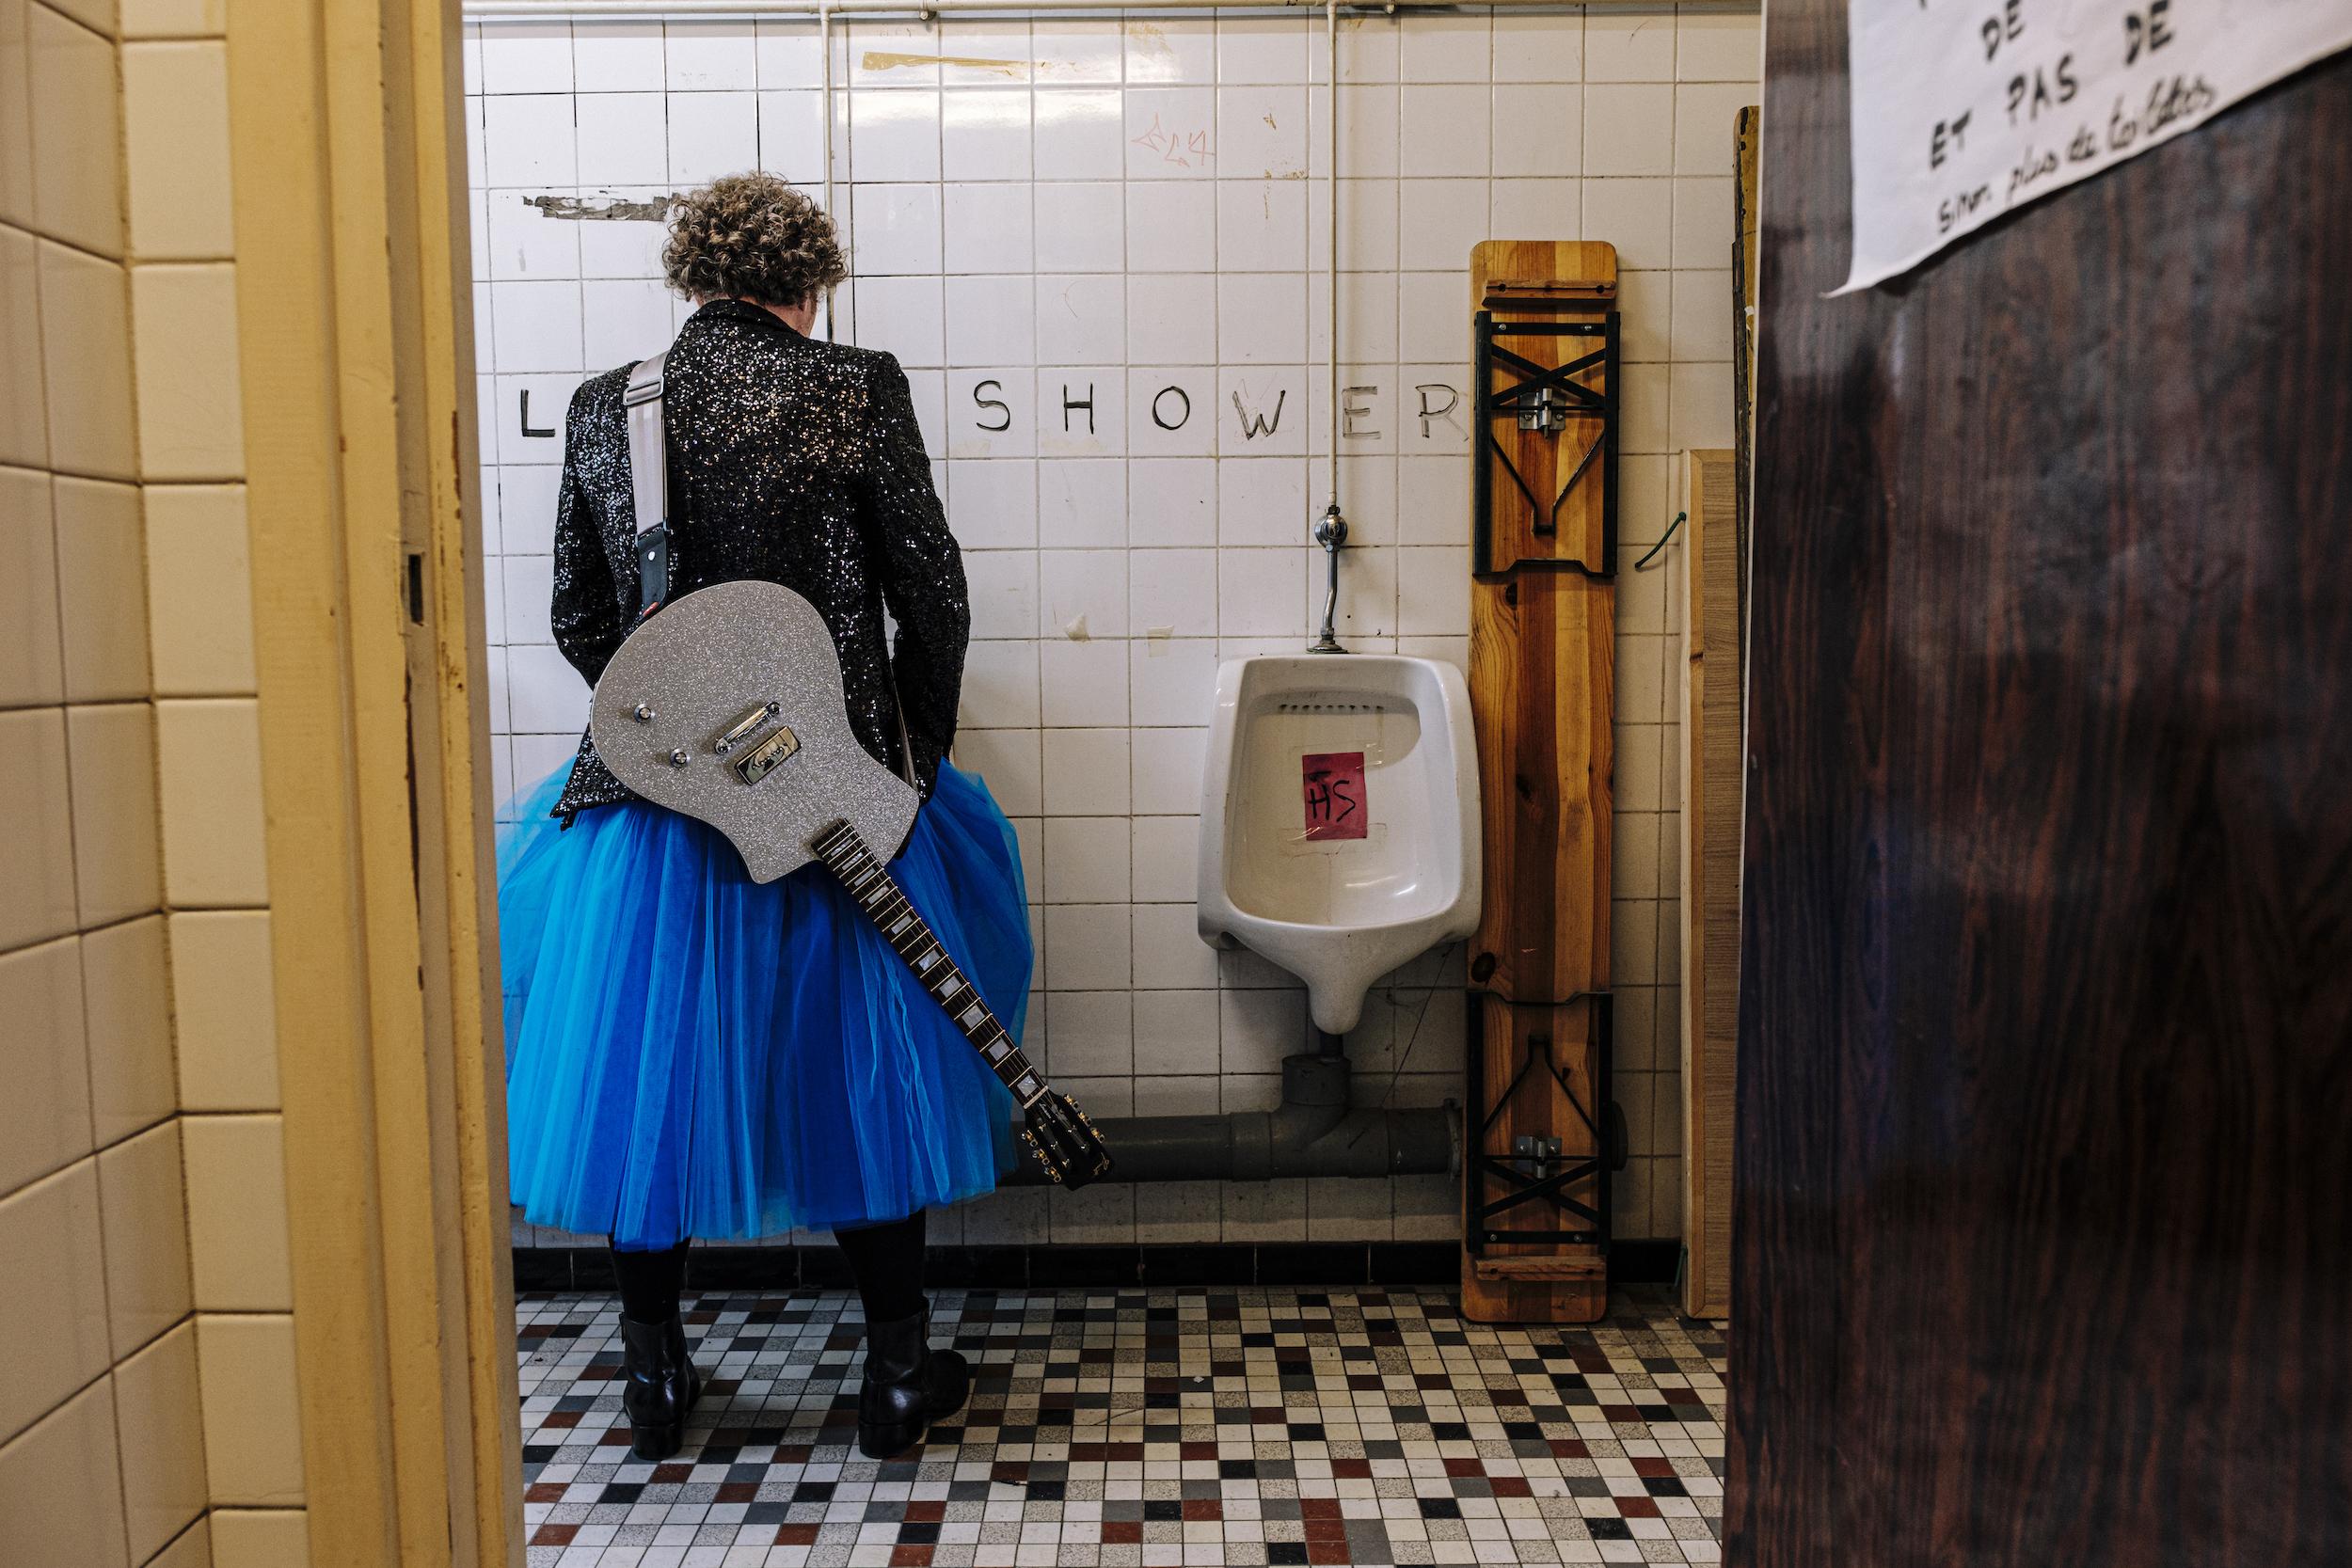 MARTINMARTIN prise de vue DOM SECHER (HANS LUCAS) dans les toilettes Empire du Shakiraï à Paris. Près du pont bleu, avec son tutu bleu ! Et sa Lou Juniore de Tony Girault.